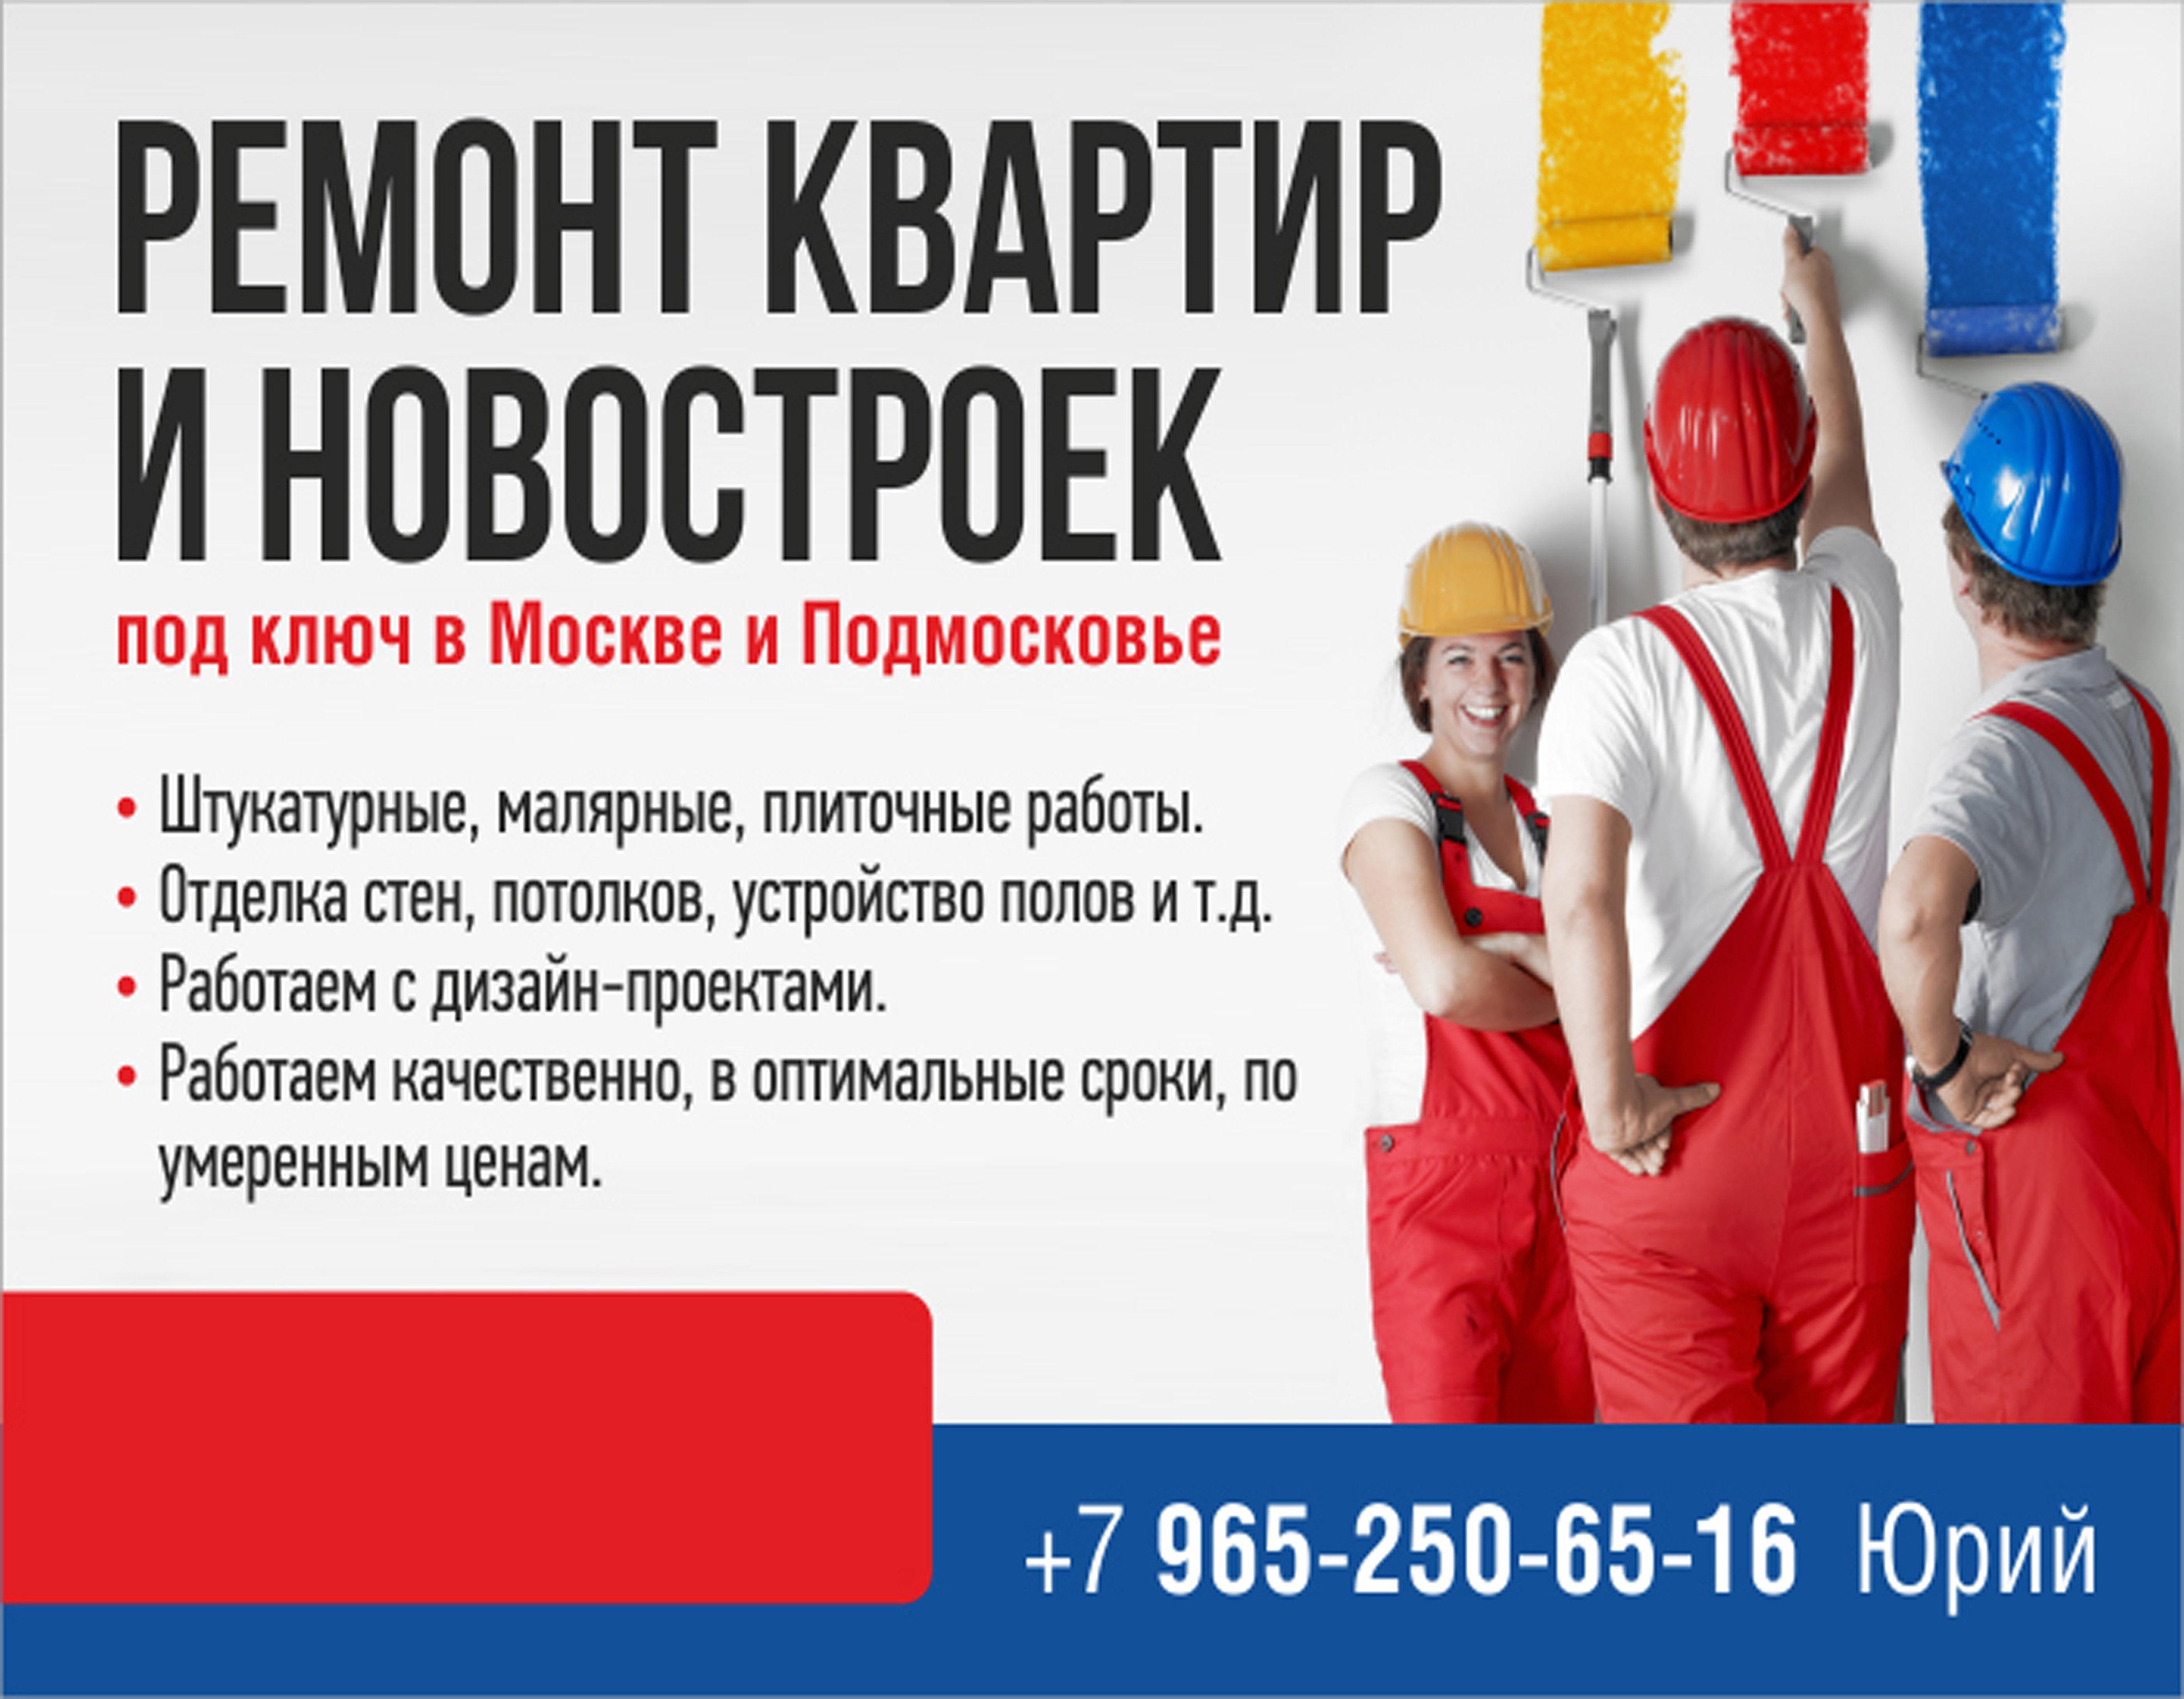 Фото рекламных листовок по ремонту